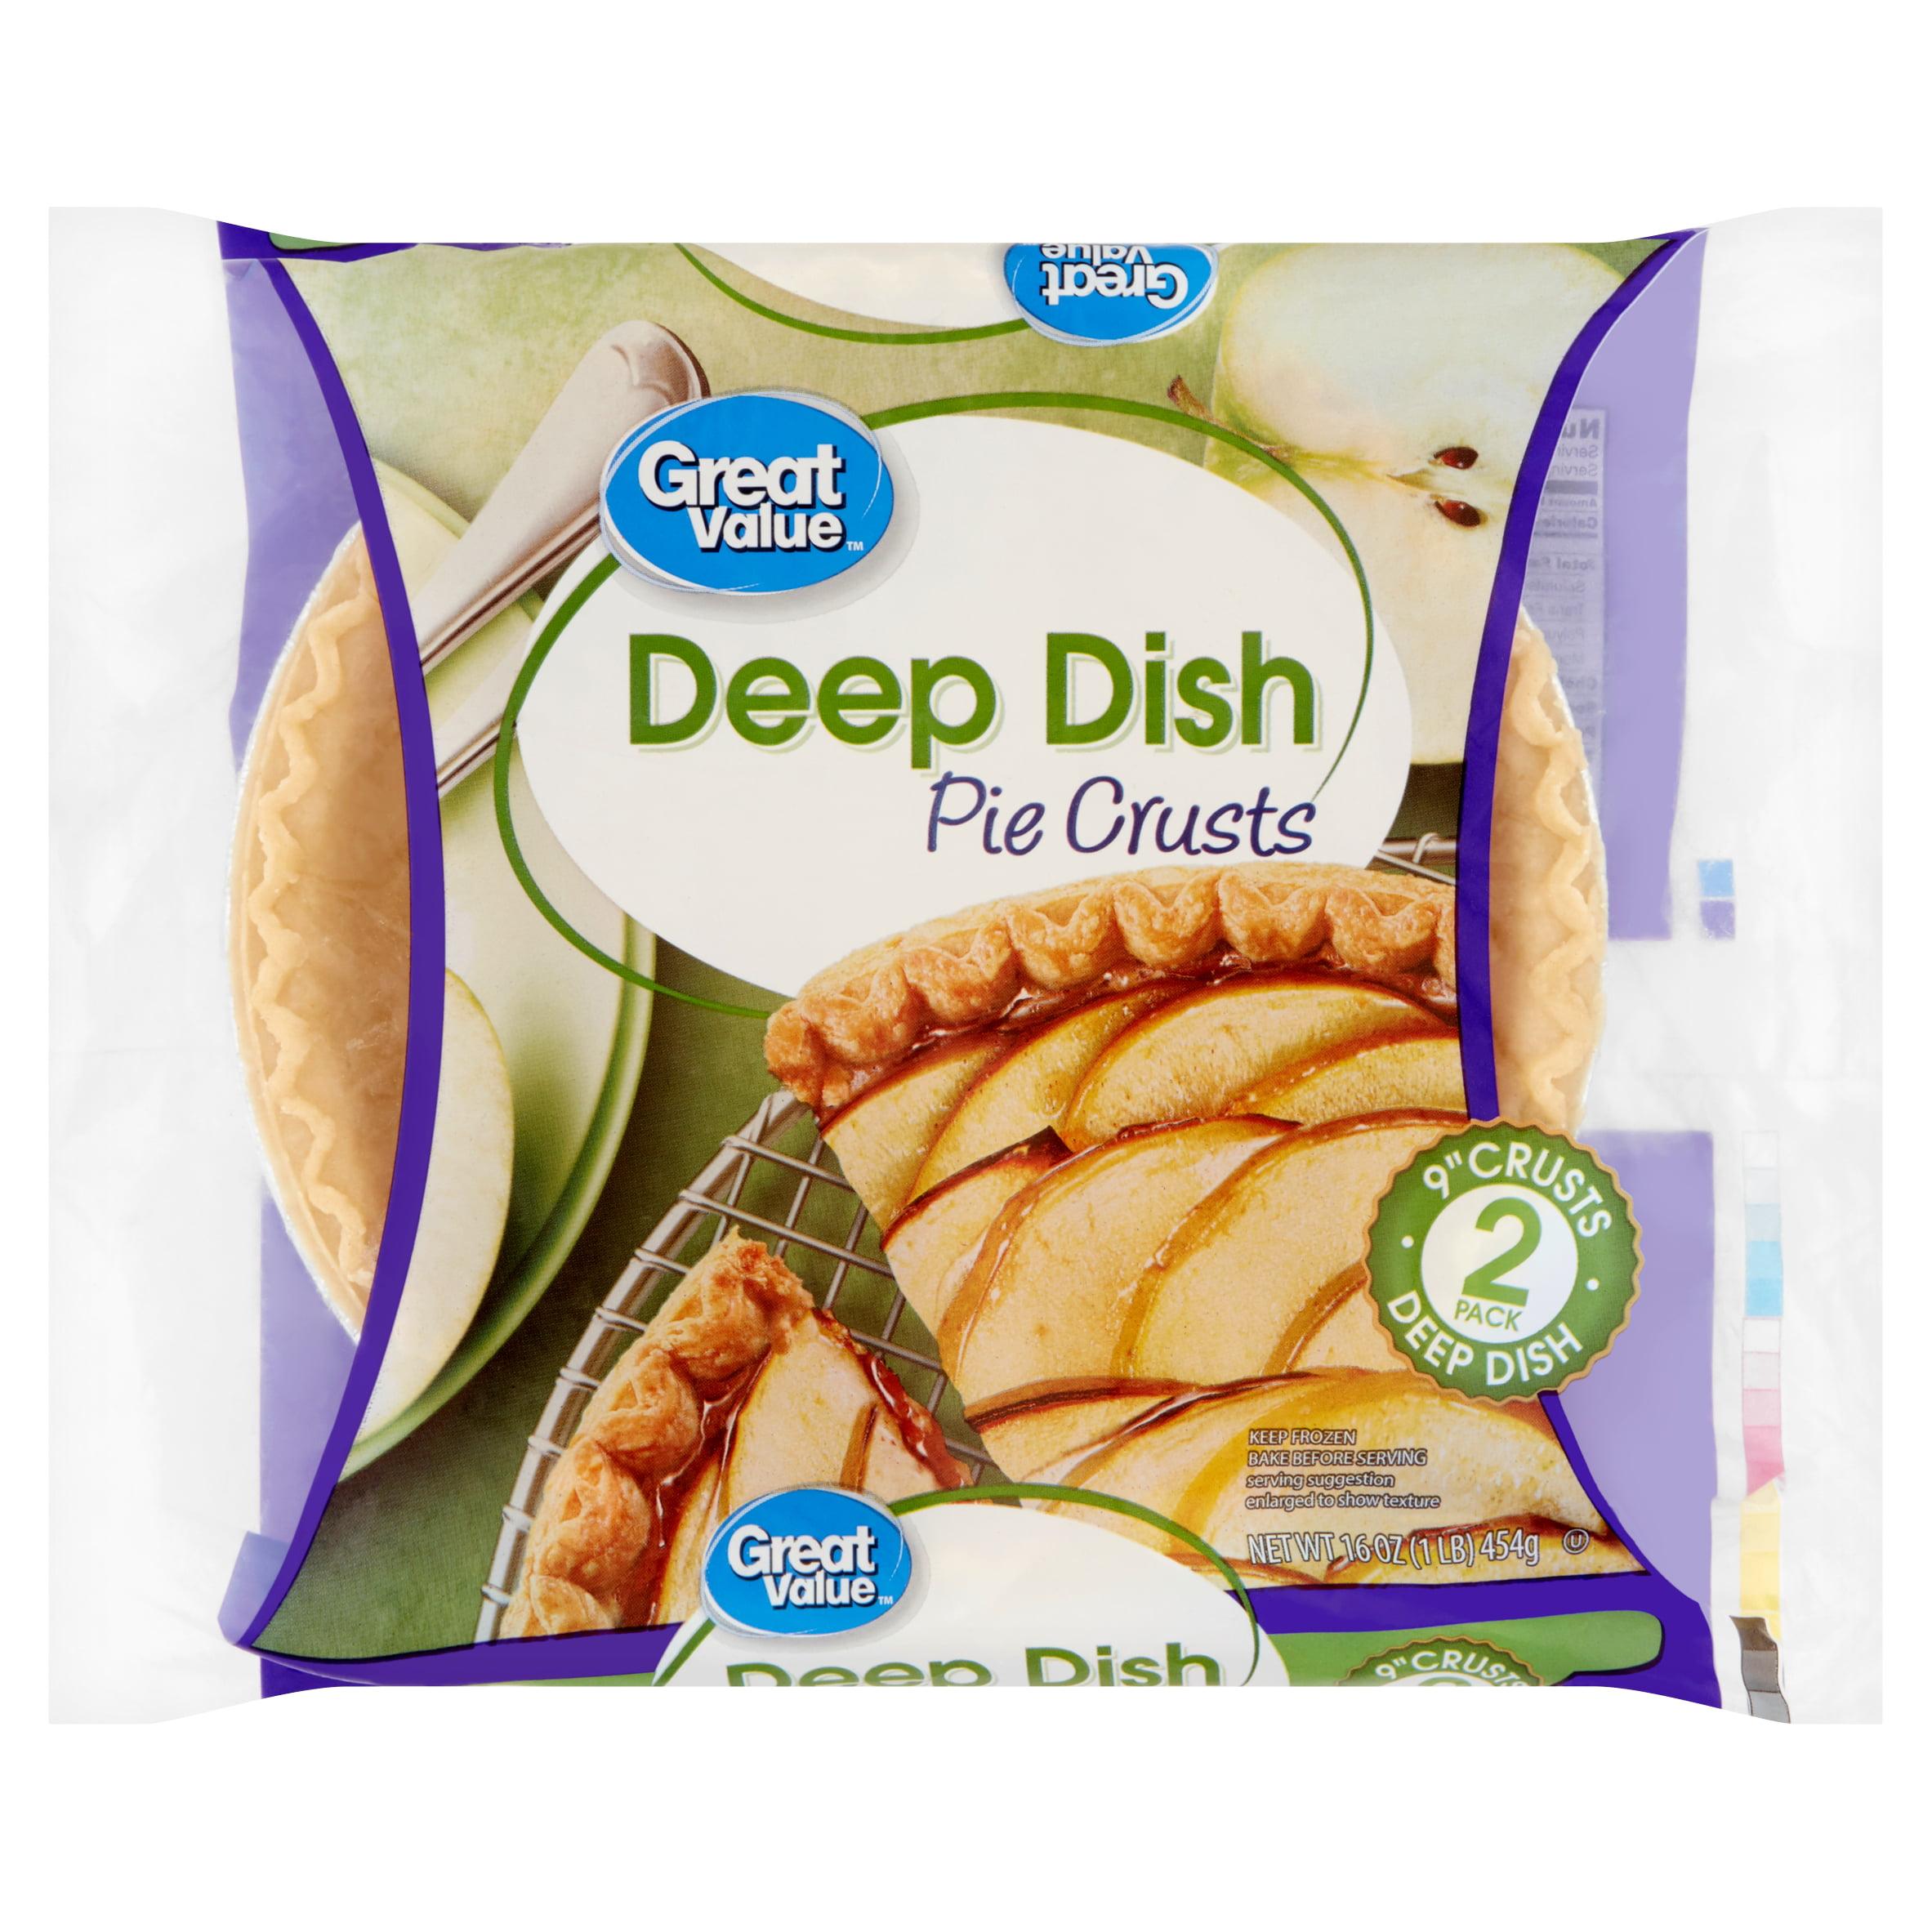 Great Value Deep Dish 9 Pie Crusts 2 Count 16 Oz Walmart Com Walmart Com